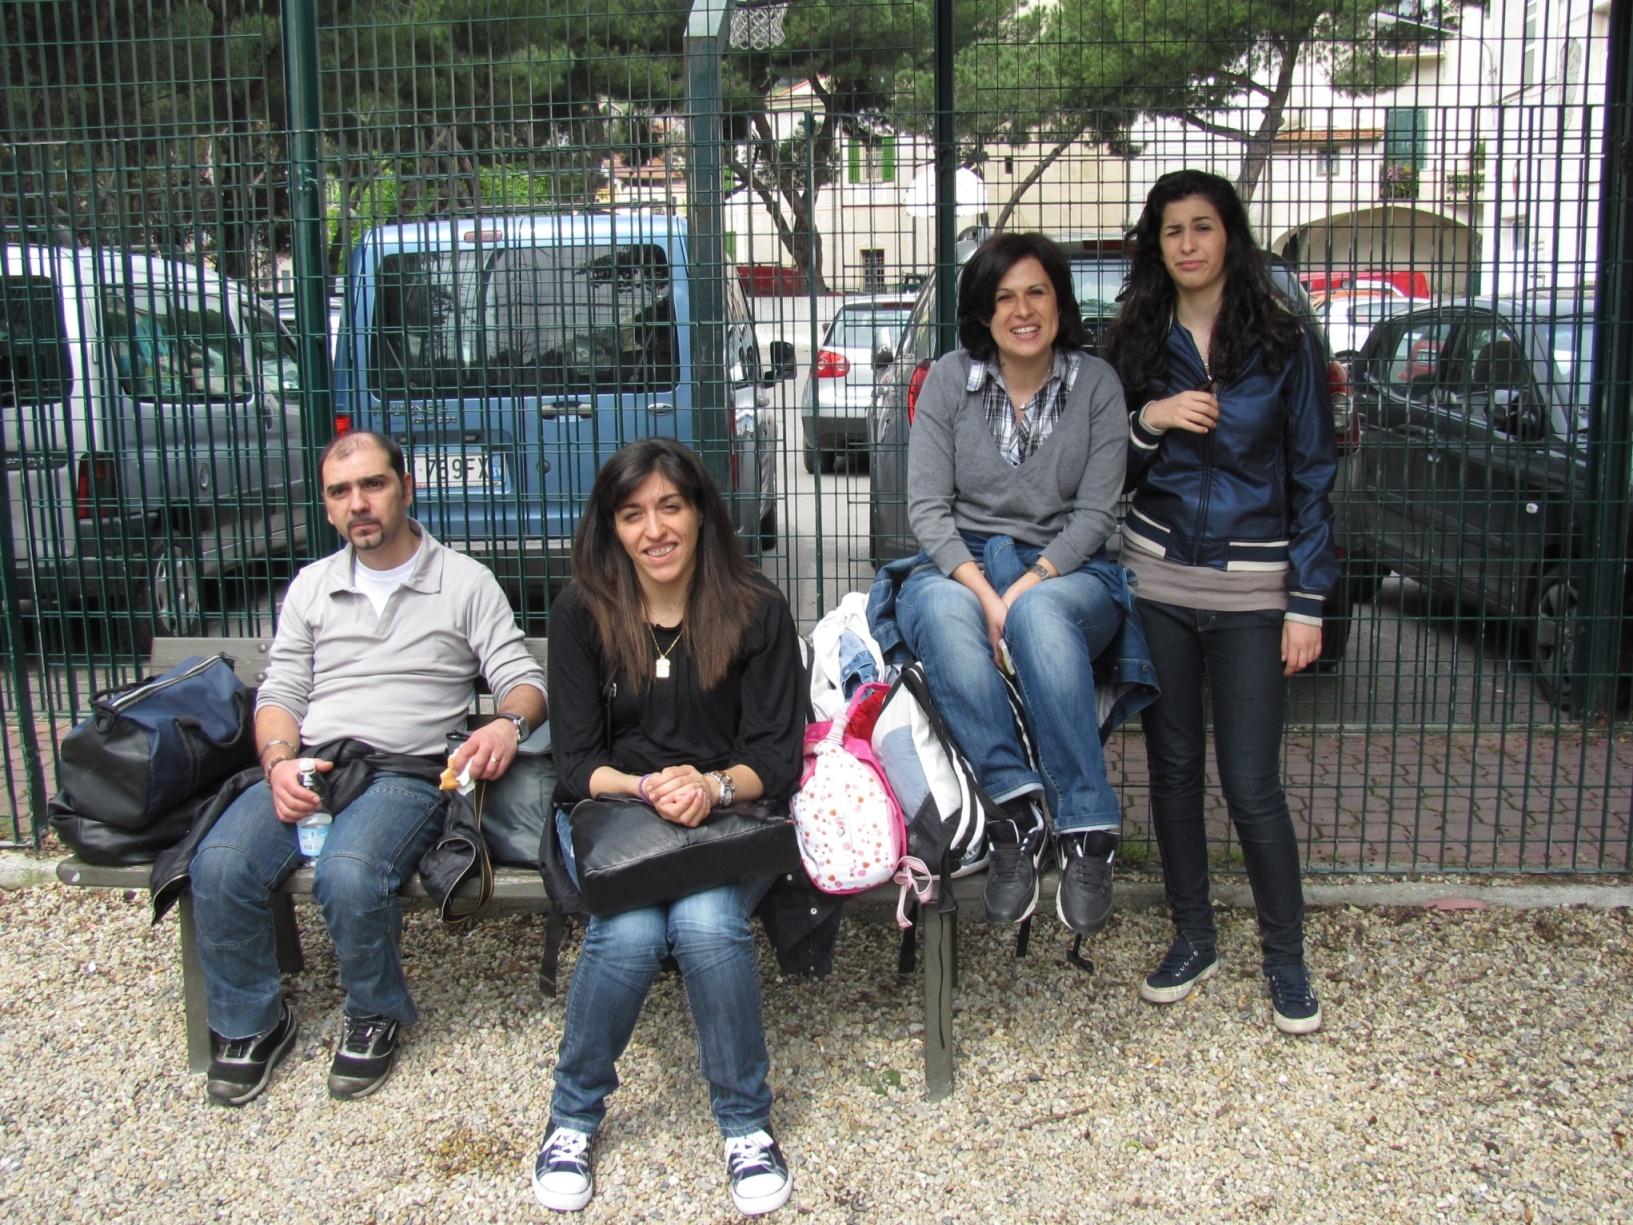 pasquetta_dolceacqua-2011-04-25-12-41-36